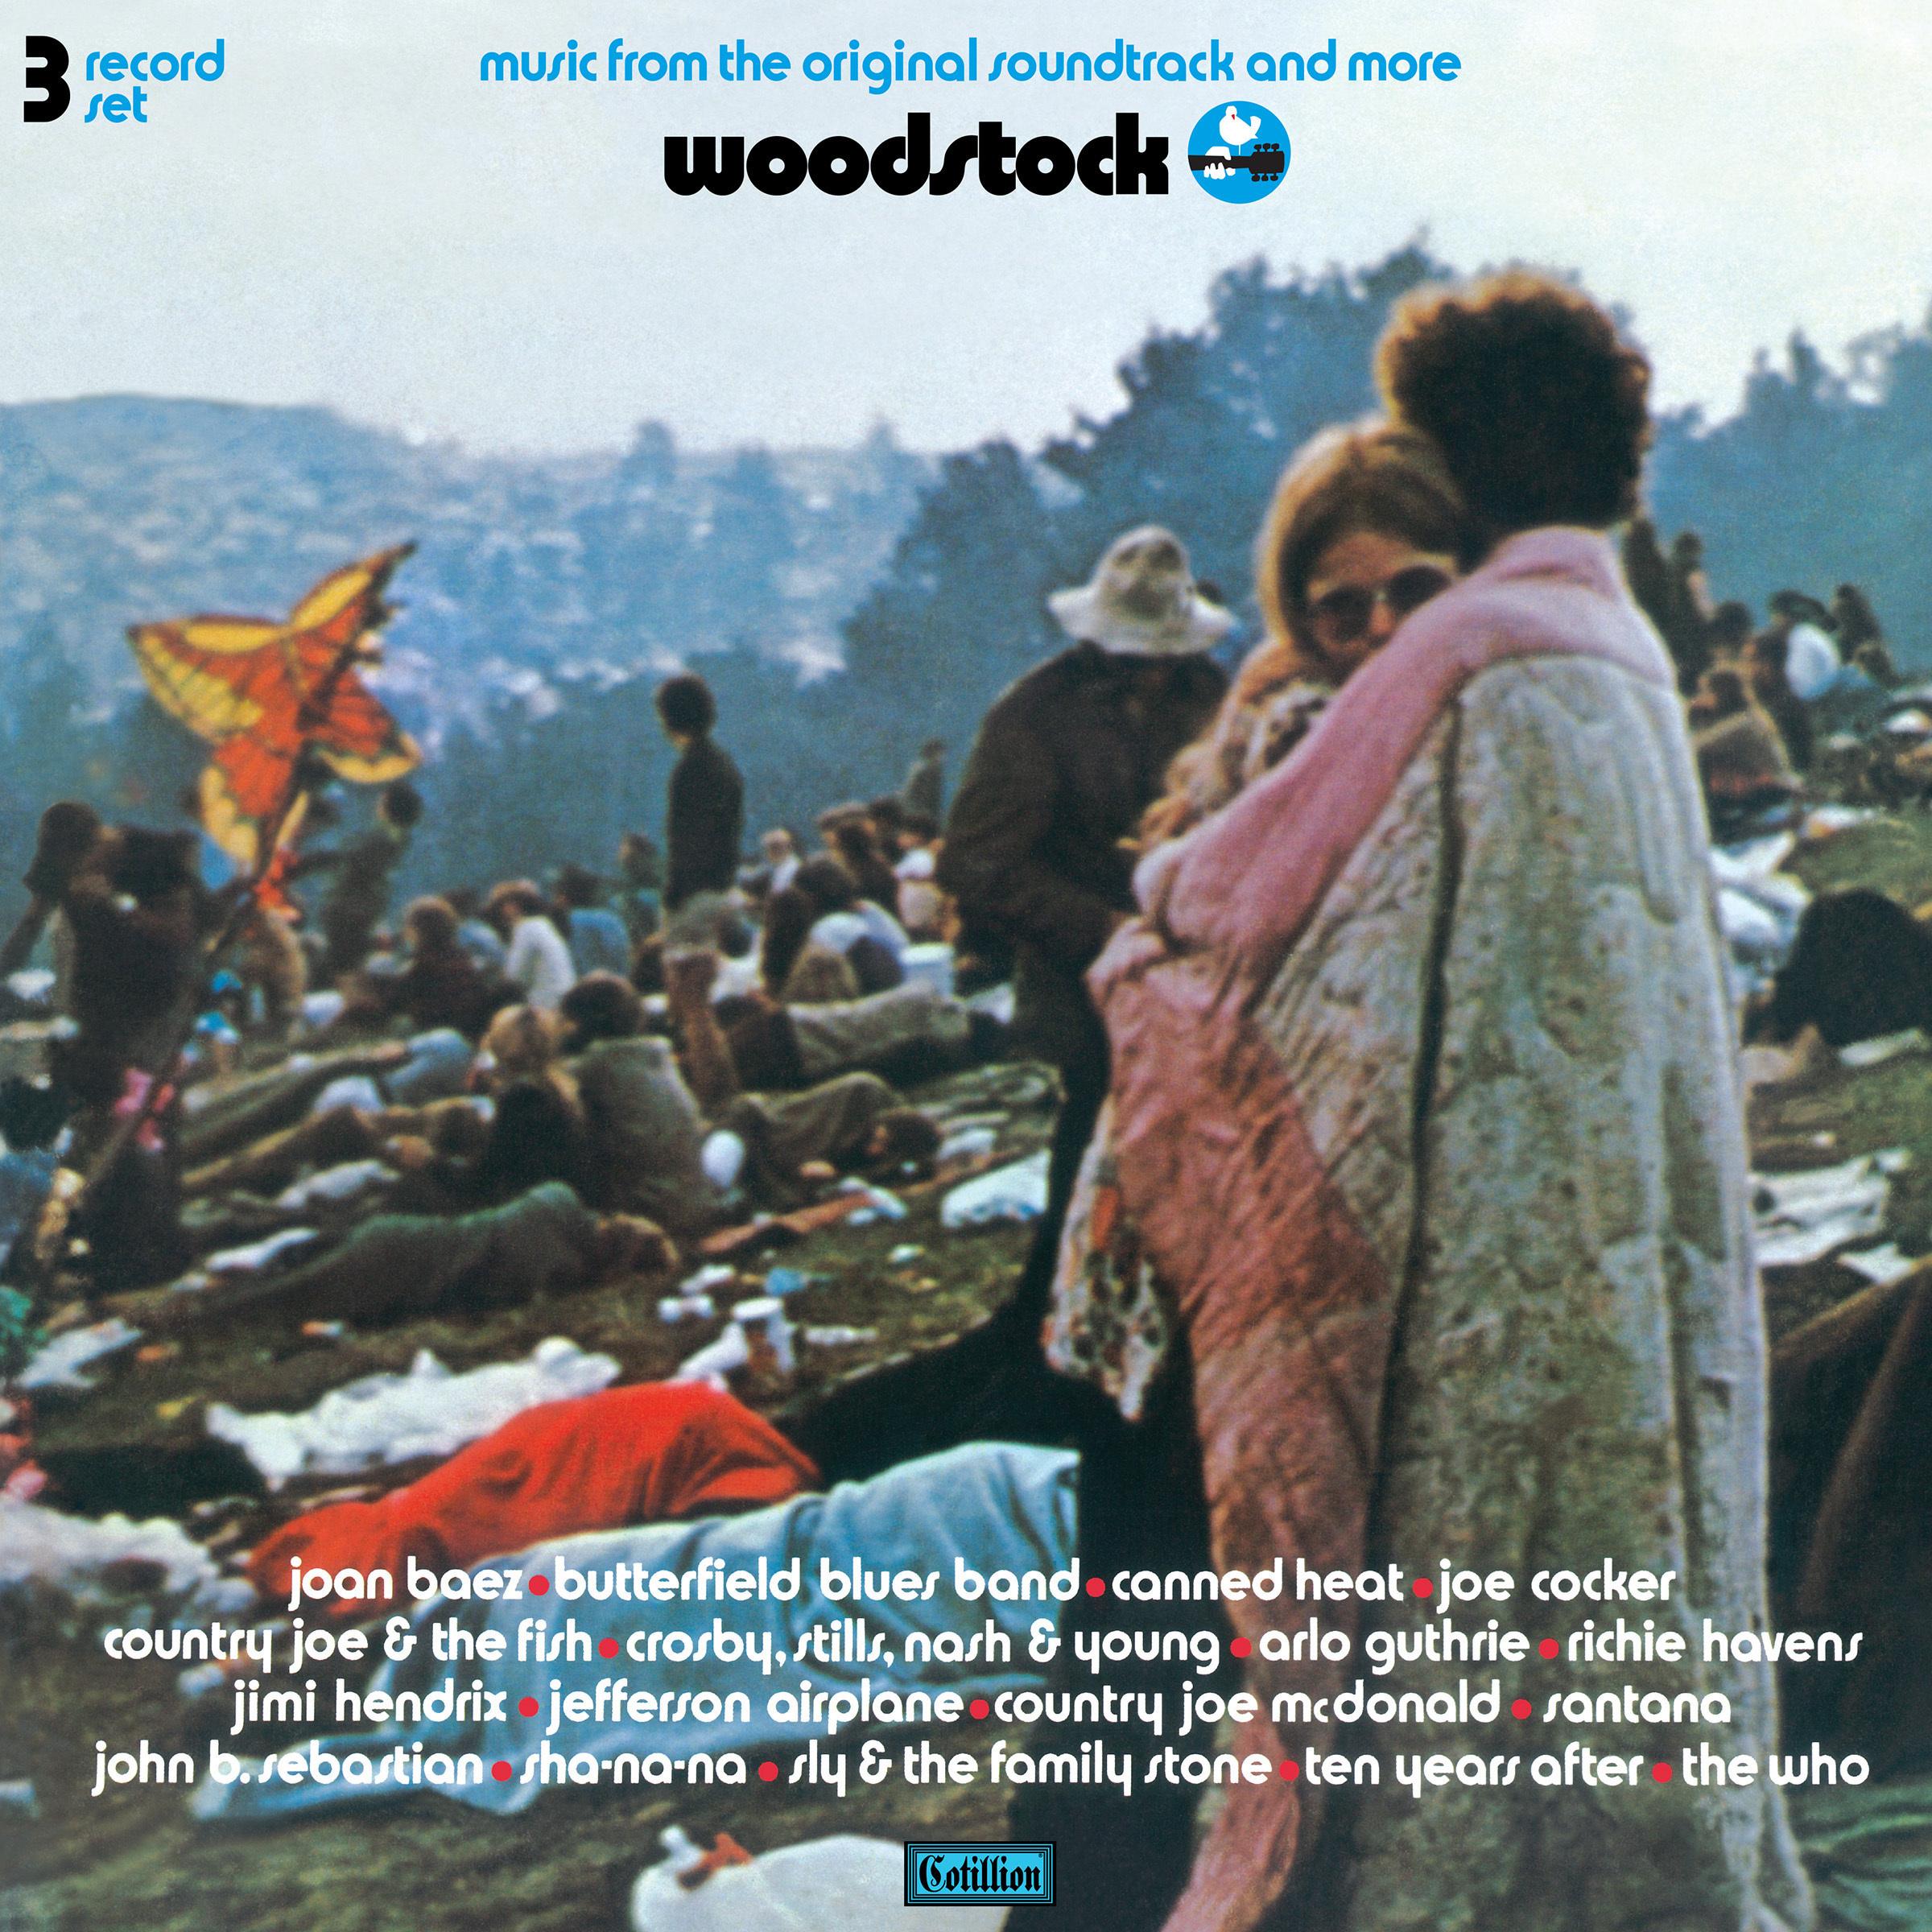 La pareja que aparece en la portada del disco de Woodstock sigue junta luego de 50 años